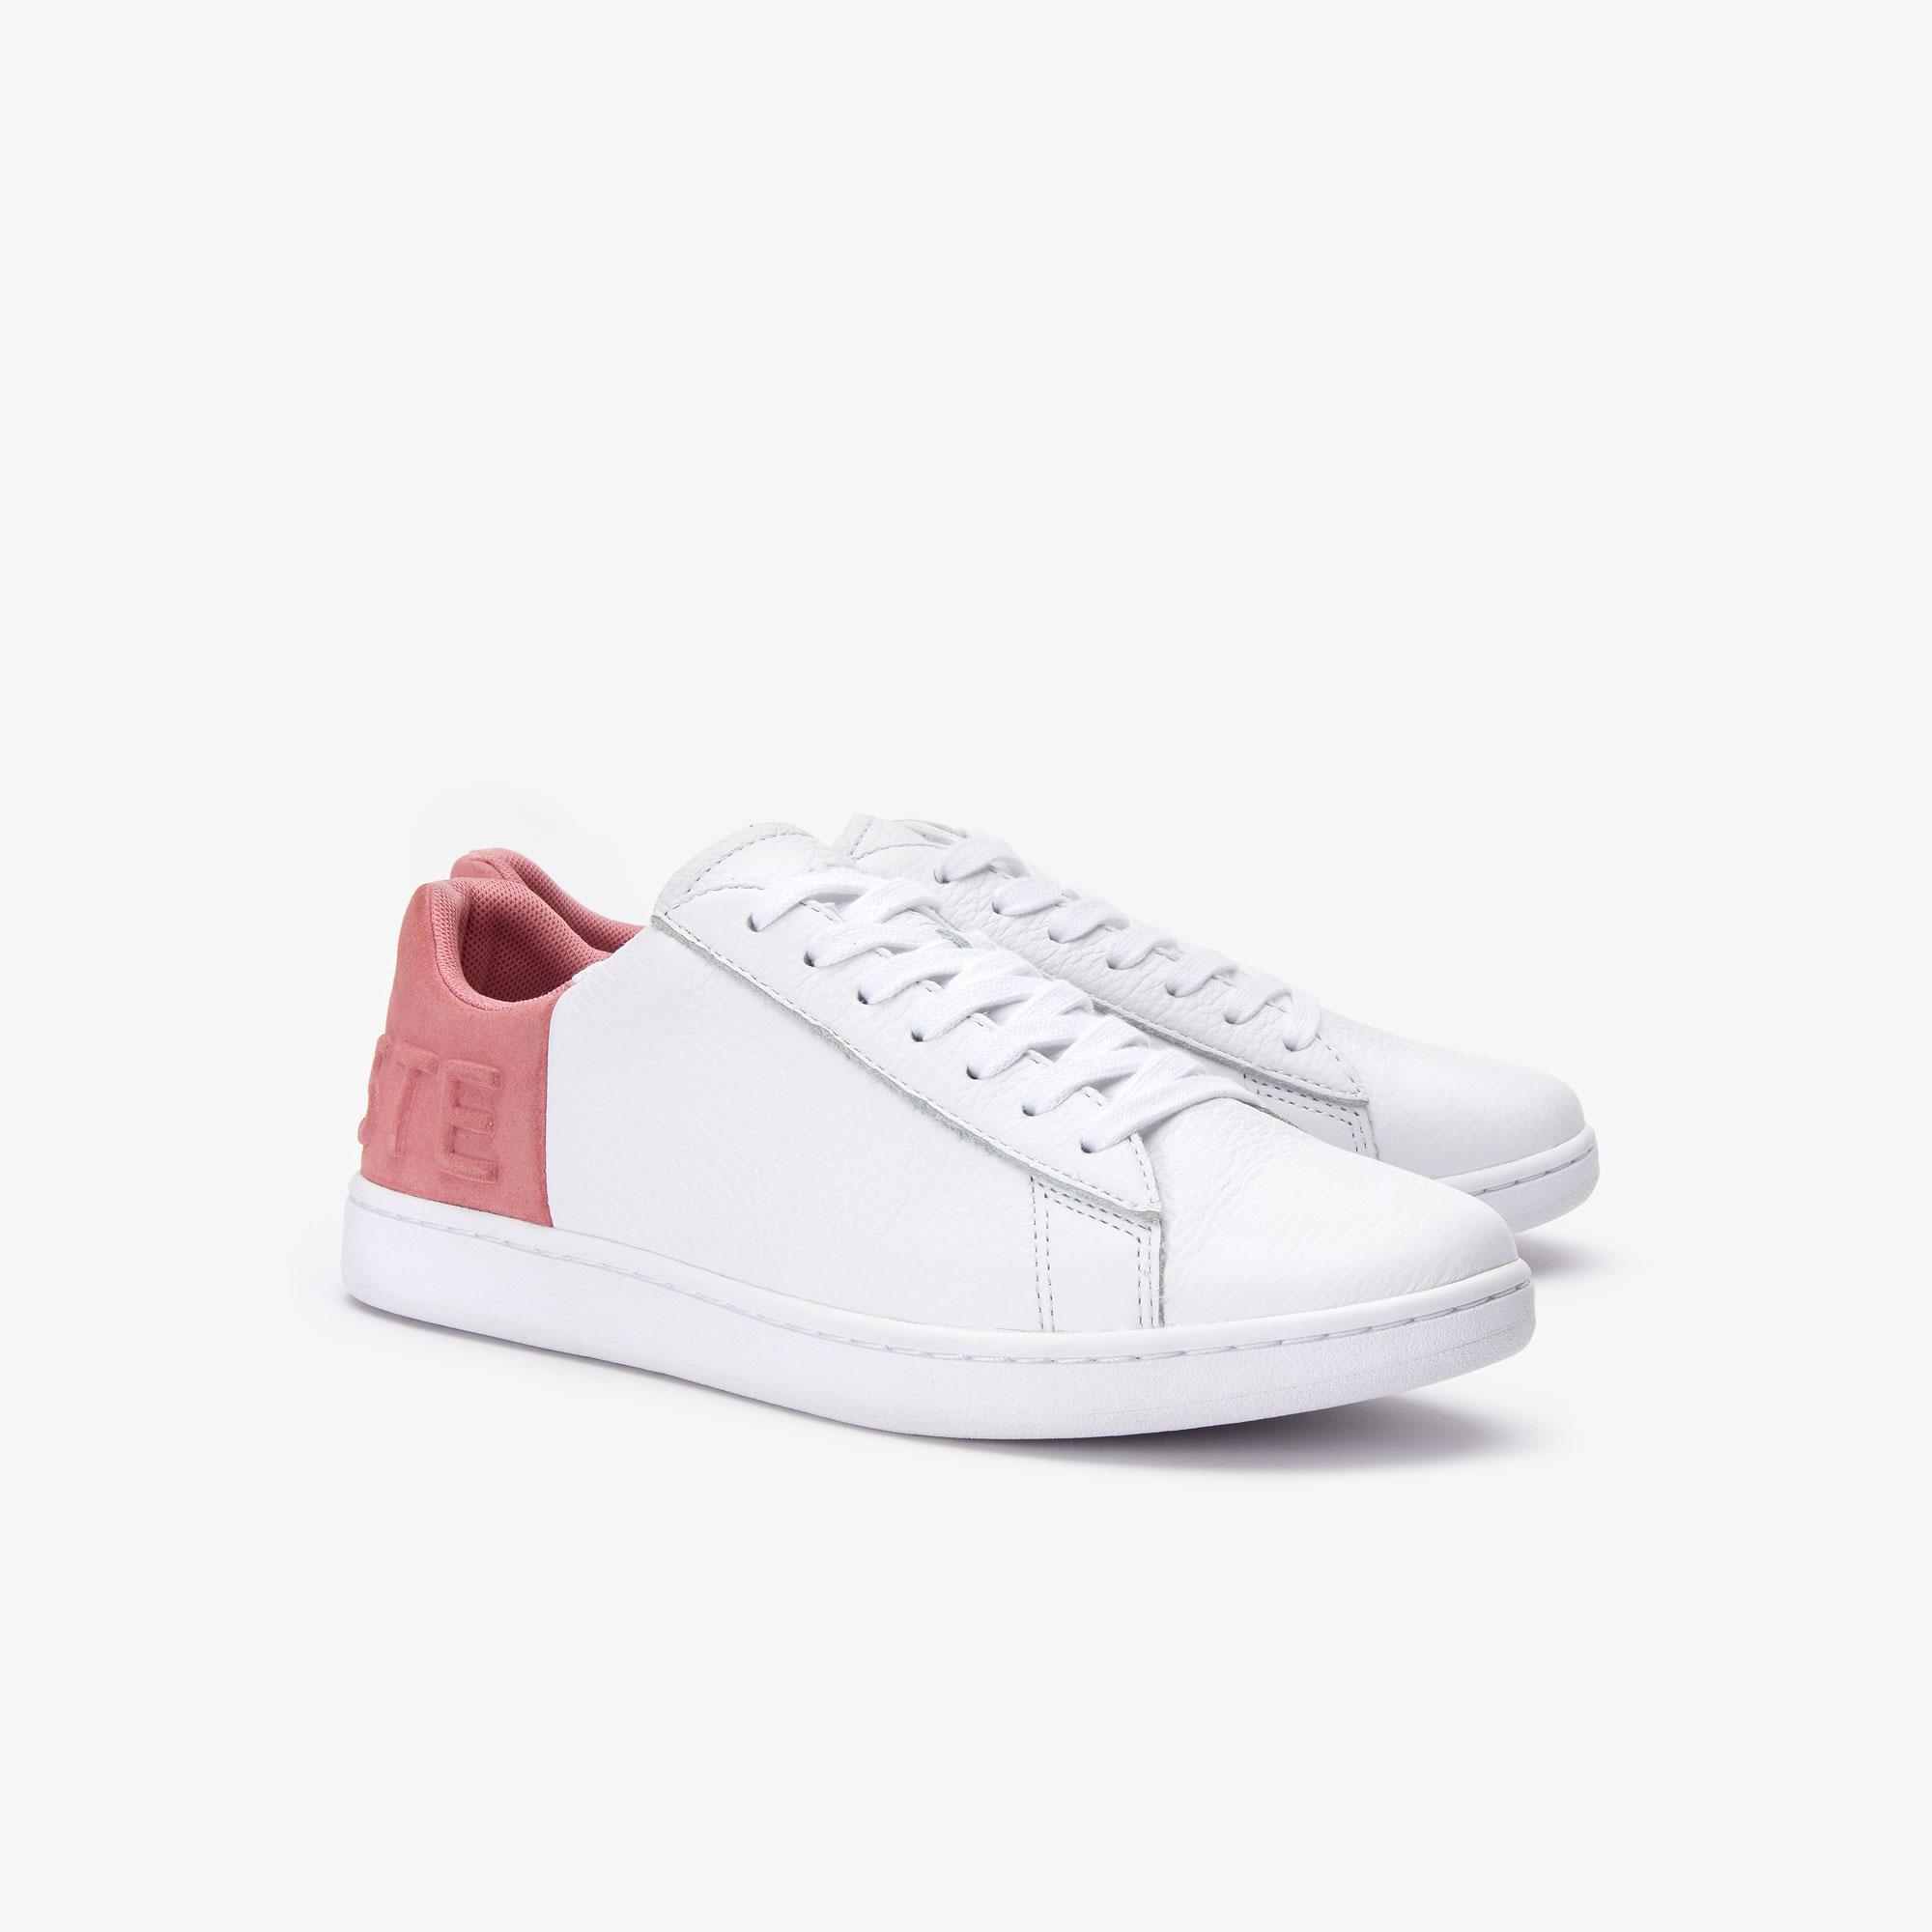 Lacoste Carnaby Evo 419 2 Women's Sneakers